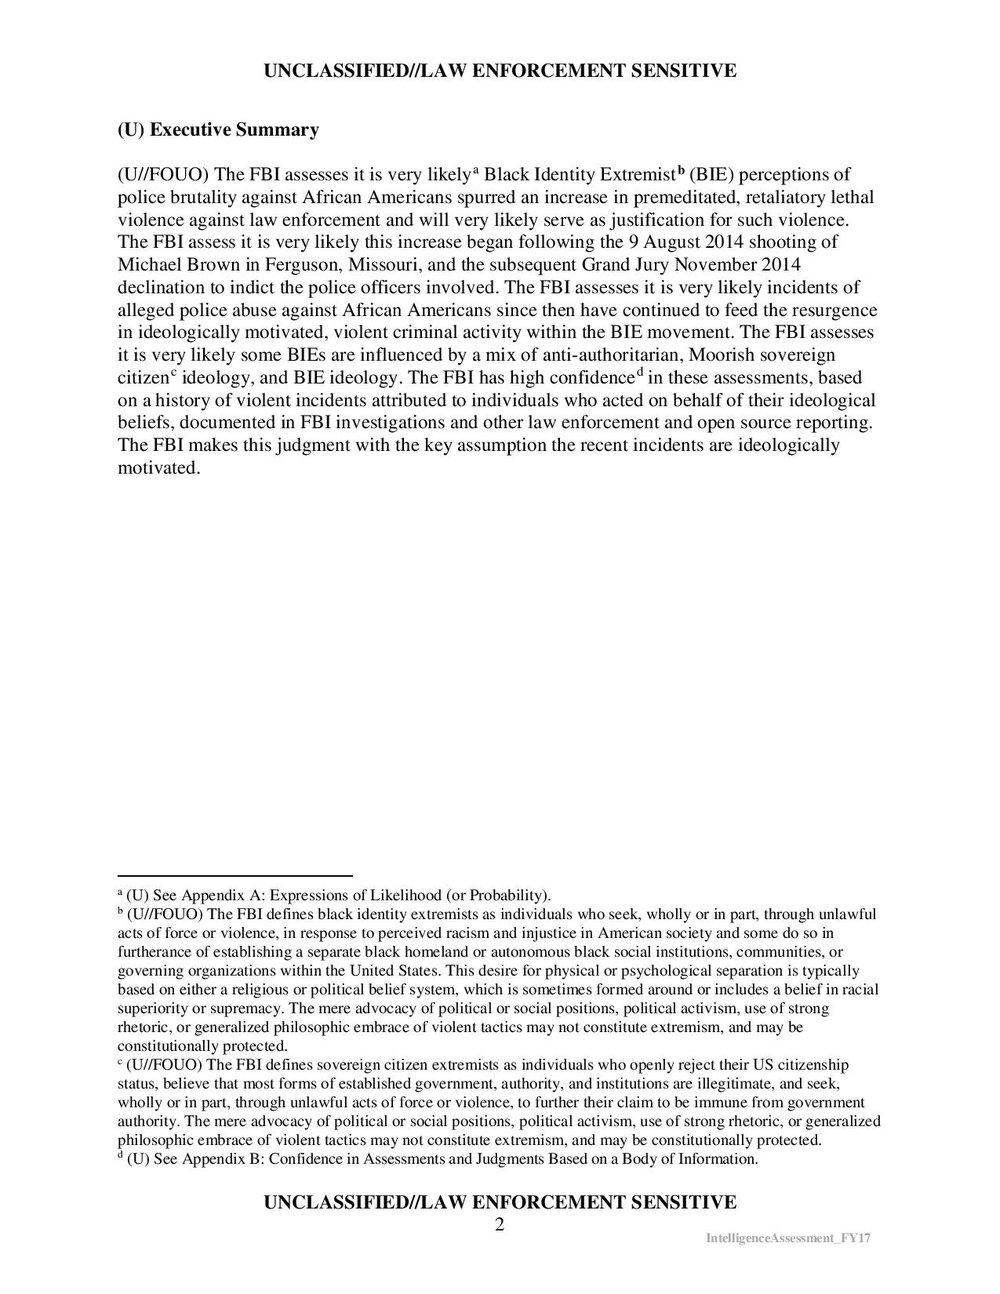 BIE-Redacted-page-002.jpg